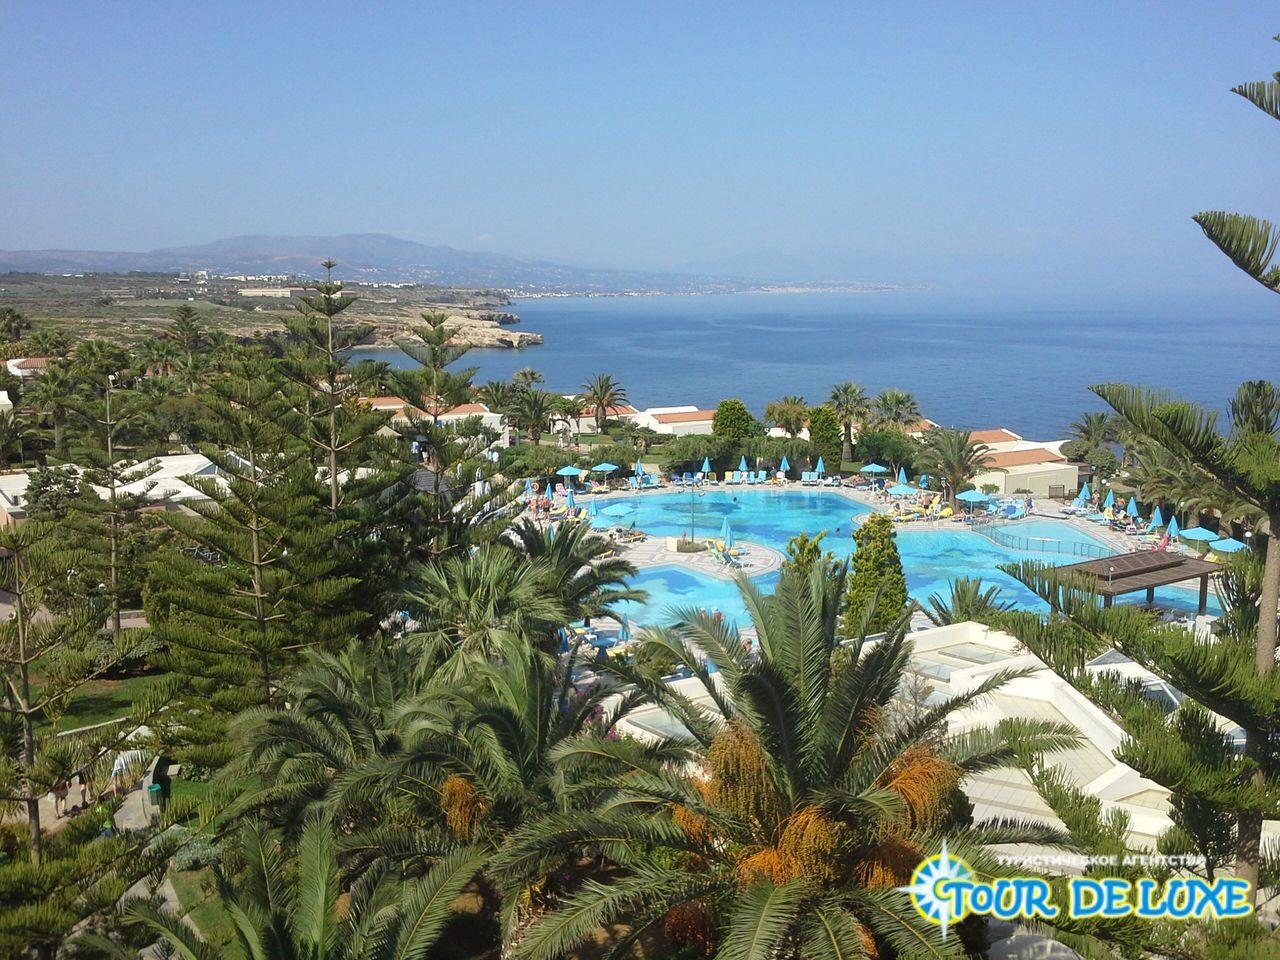 Hotel mirabello beach  village zaraden0fd do medzin0e1rodnej hotelovej siete iberostar sa nach0e1dza v kr0e1snom z0e1live len